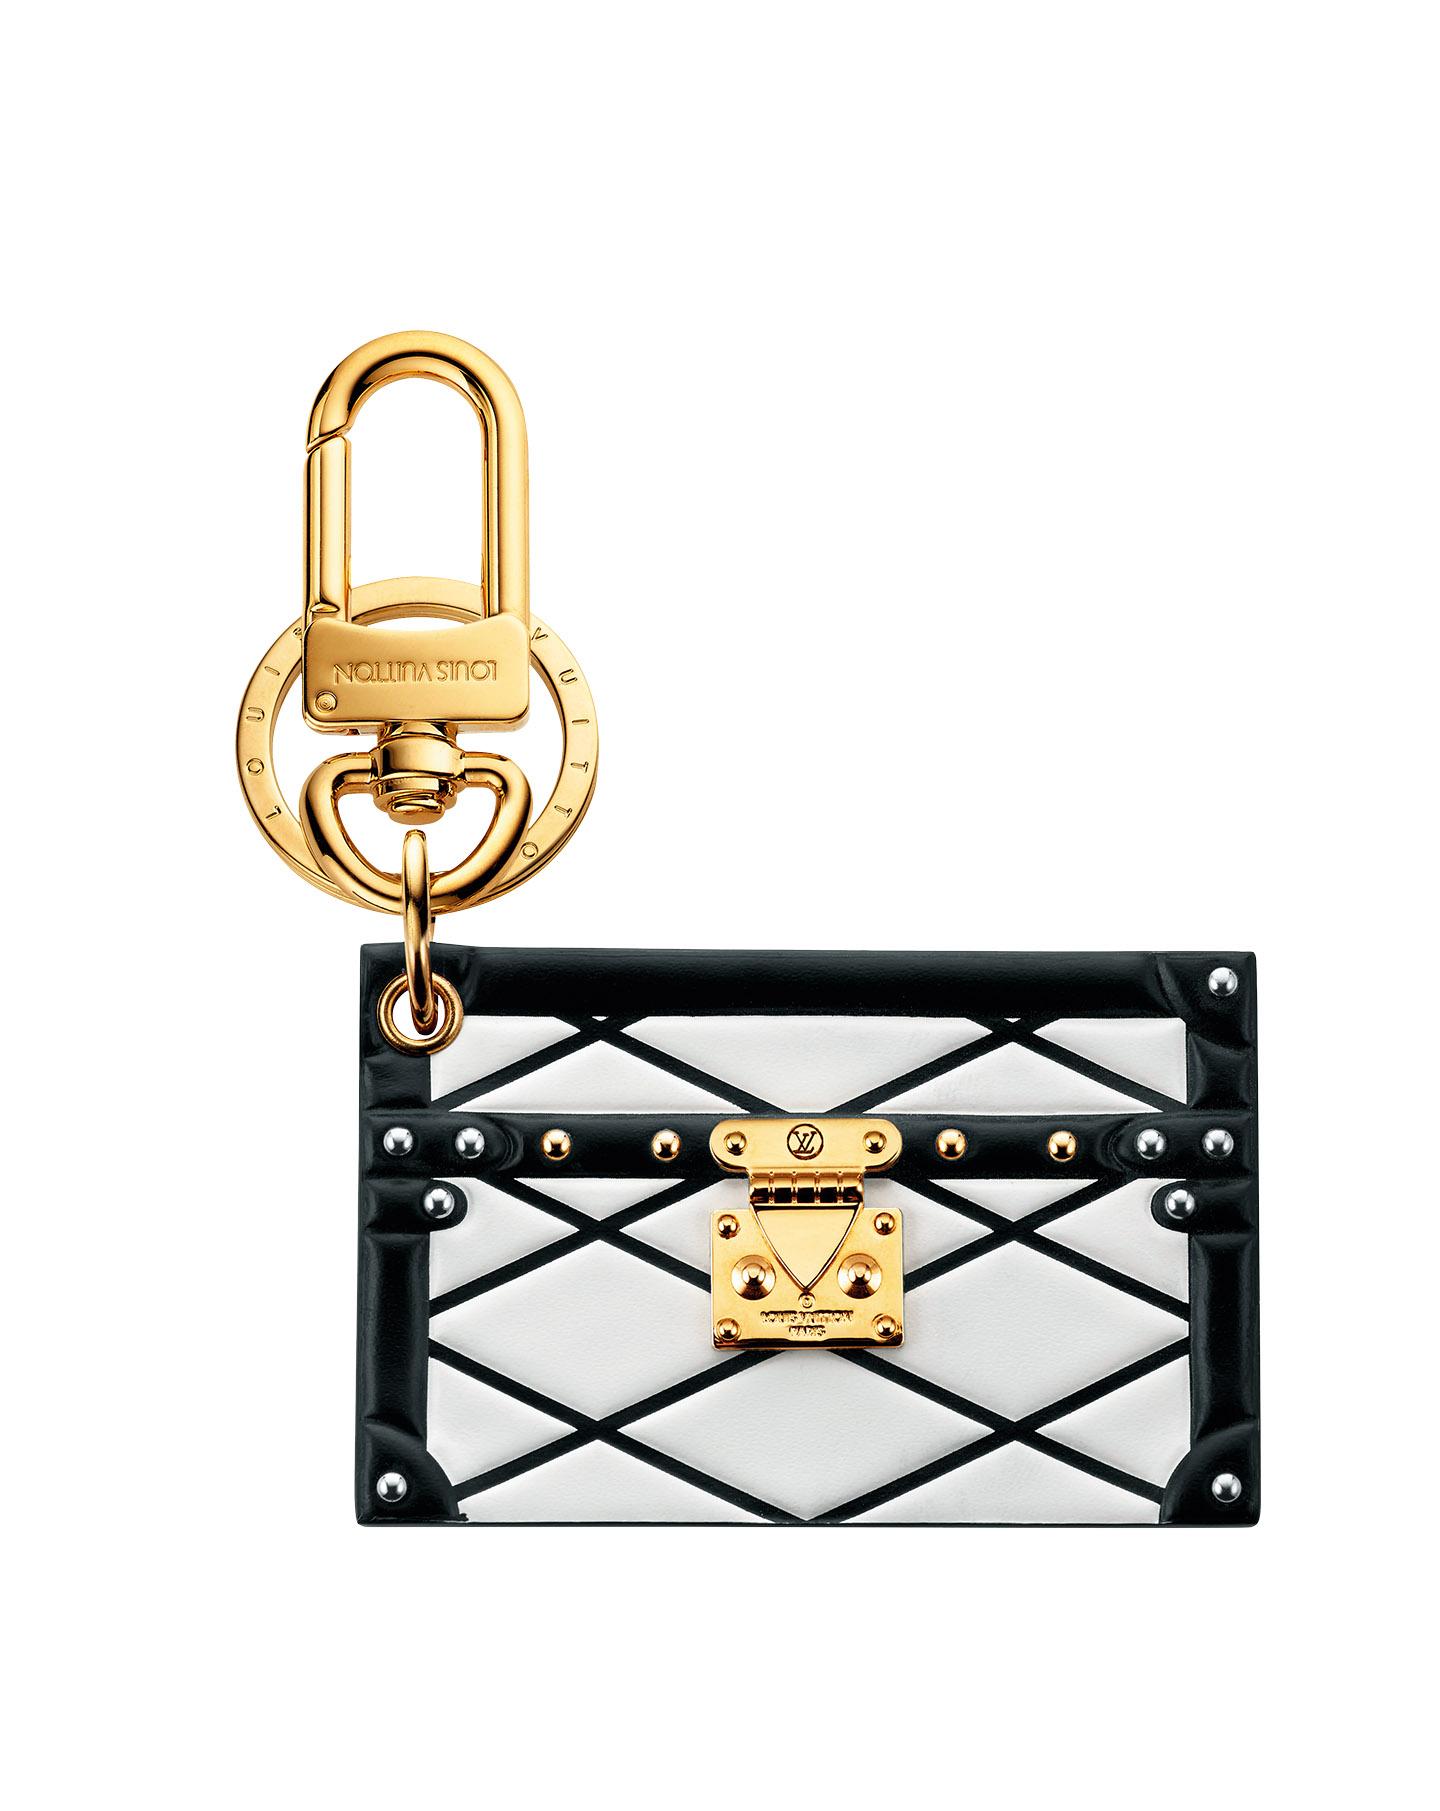 스터드 디테일의 스퀘어 백 키링은 50만원대로 <strong>Louis Vuitton</strong>